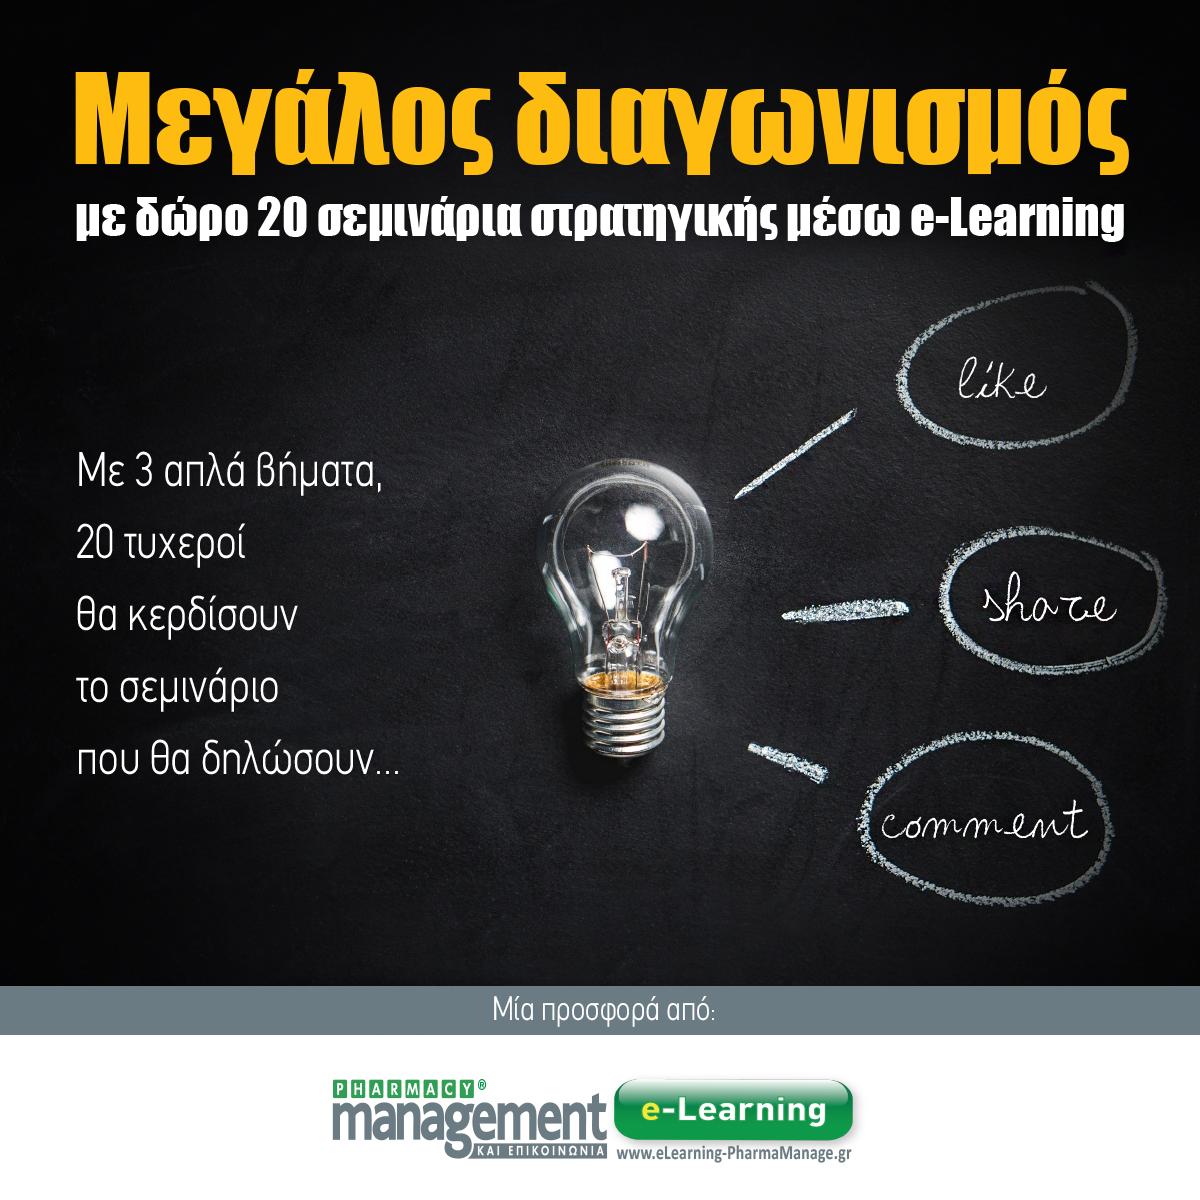 Αποτελέσματα Διαγωνισμού με Δώρο 20 Σεμινάρια e-Learning